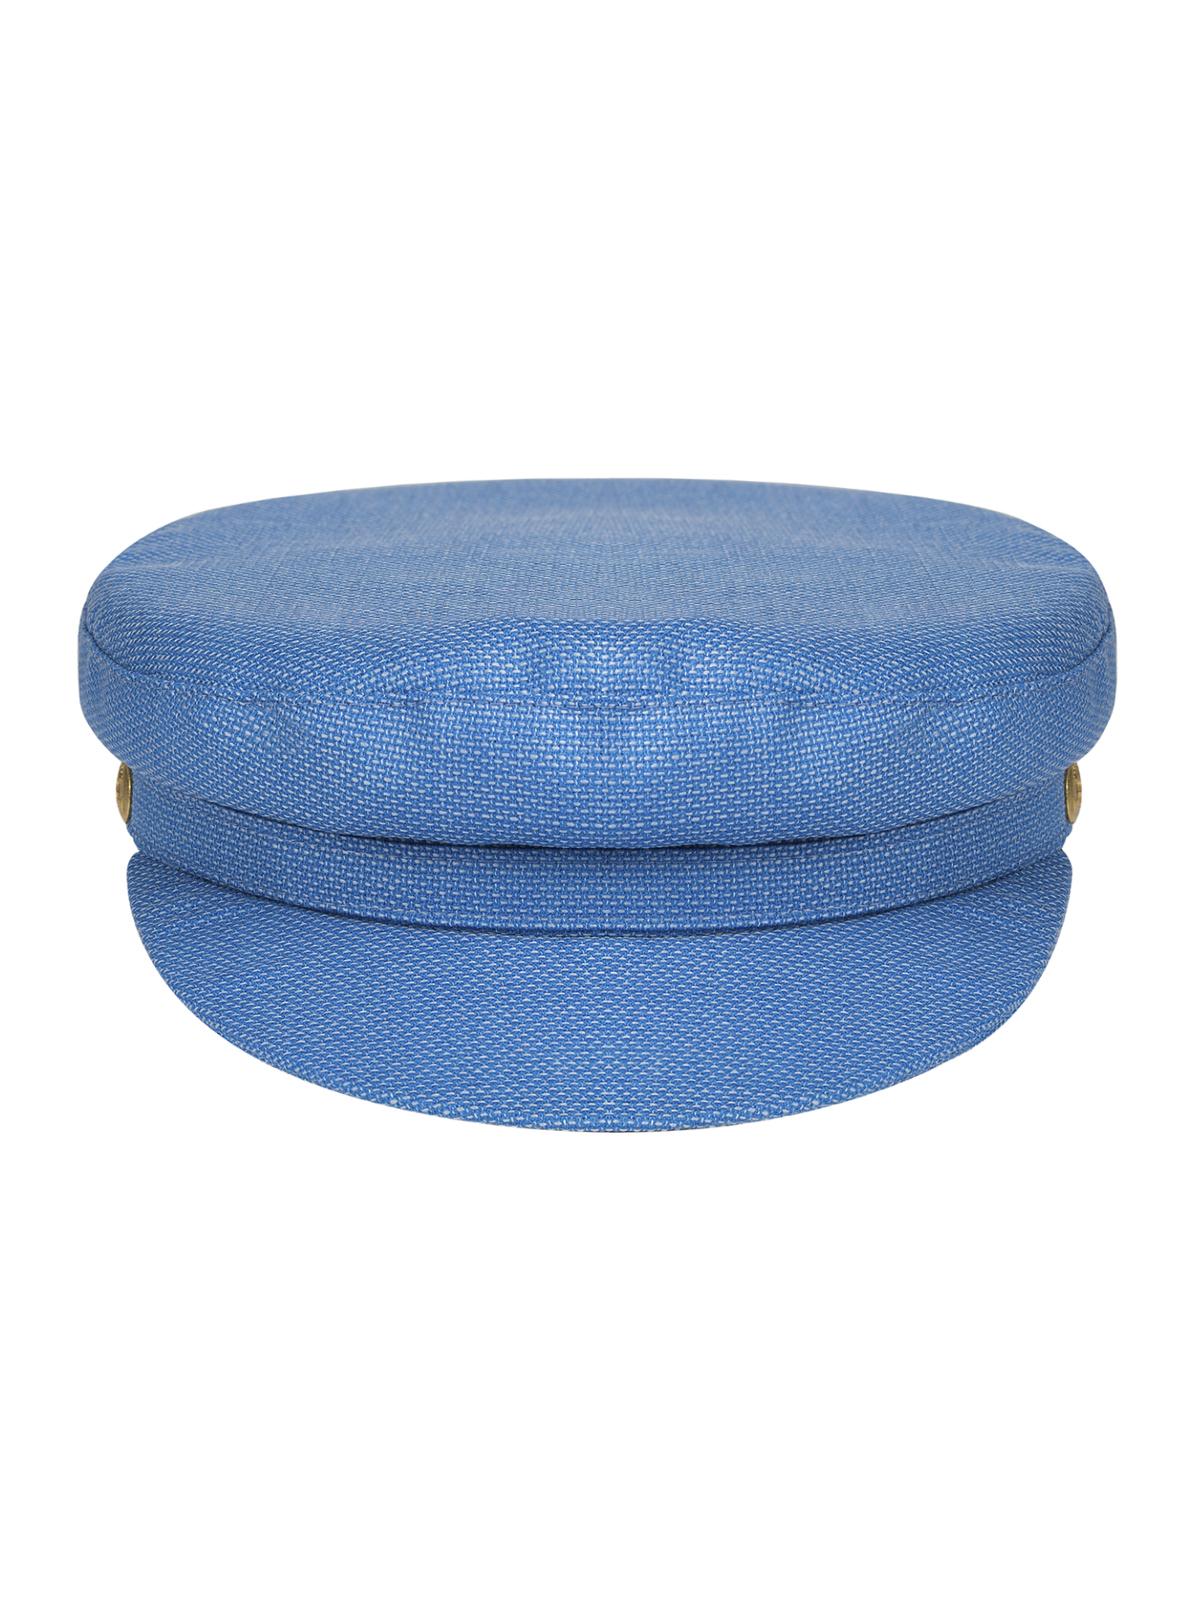 728b4662483 MANOKHI BY TOUKITSOU GREEK FISHERMAN HAT (HATS   HEADWEAR) ...